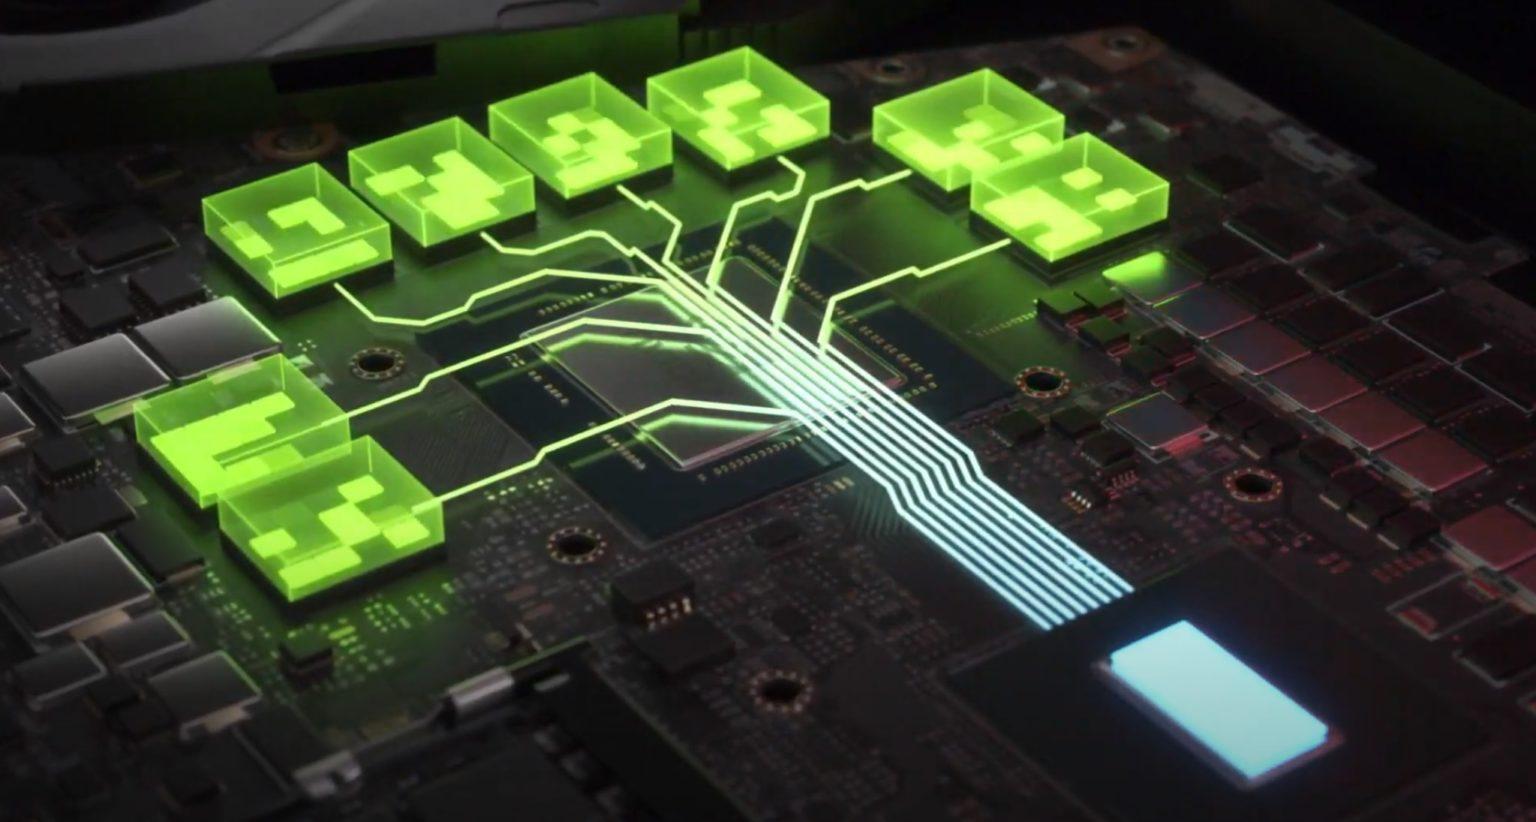 ASUS TUF Dash F15 con RTX 3060 Mobile, análisis: Gaming en un portátil ligero y asequible 39